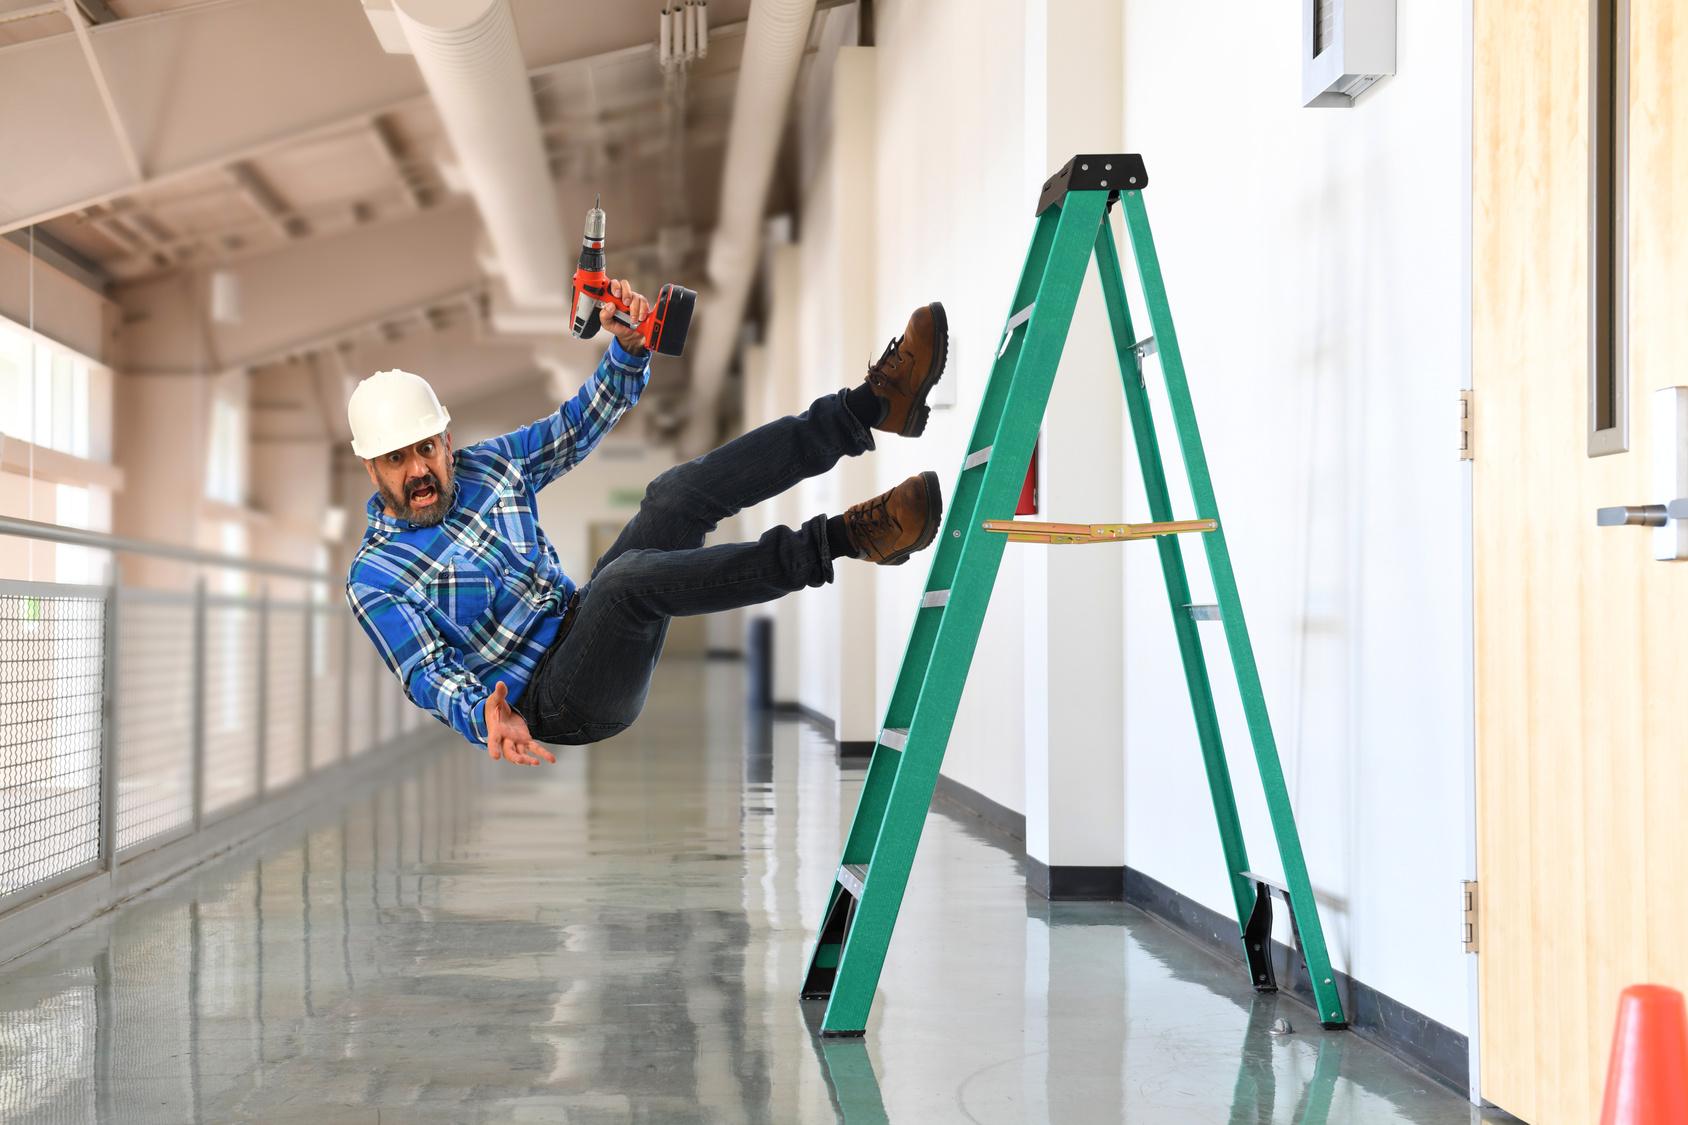 Worker falling off laddar